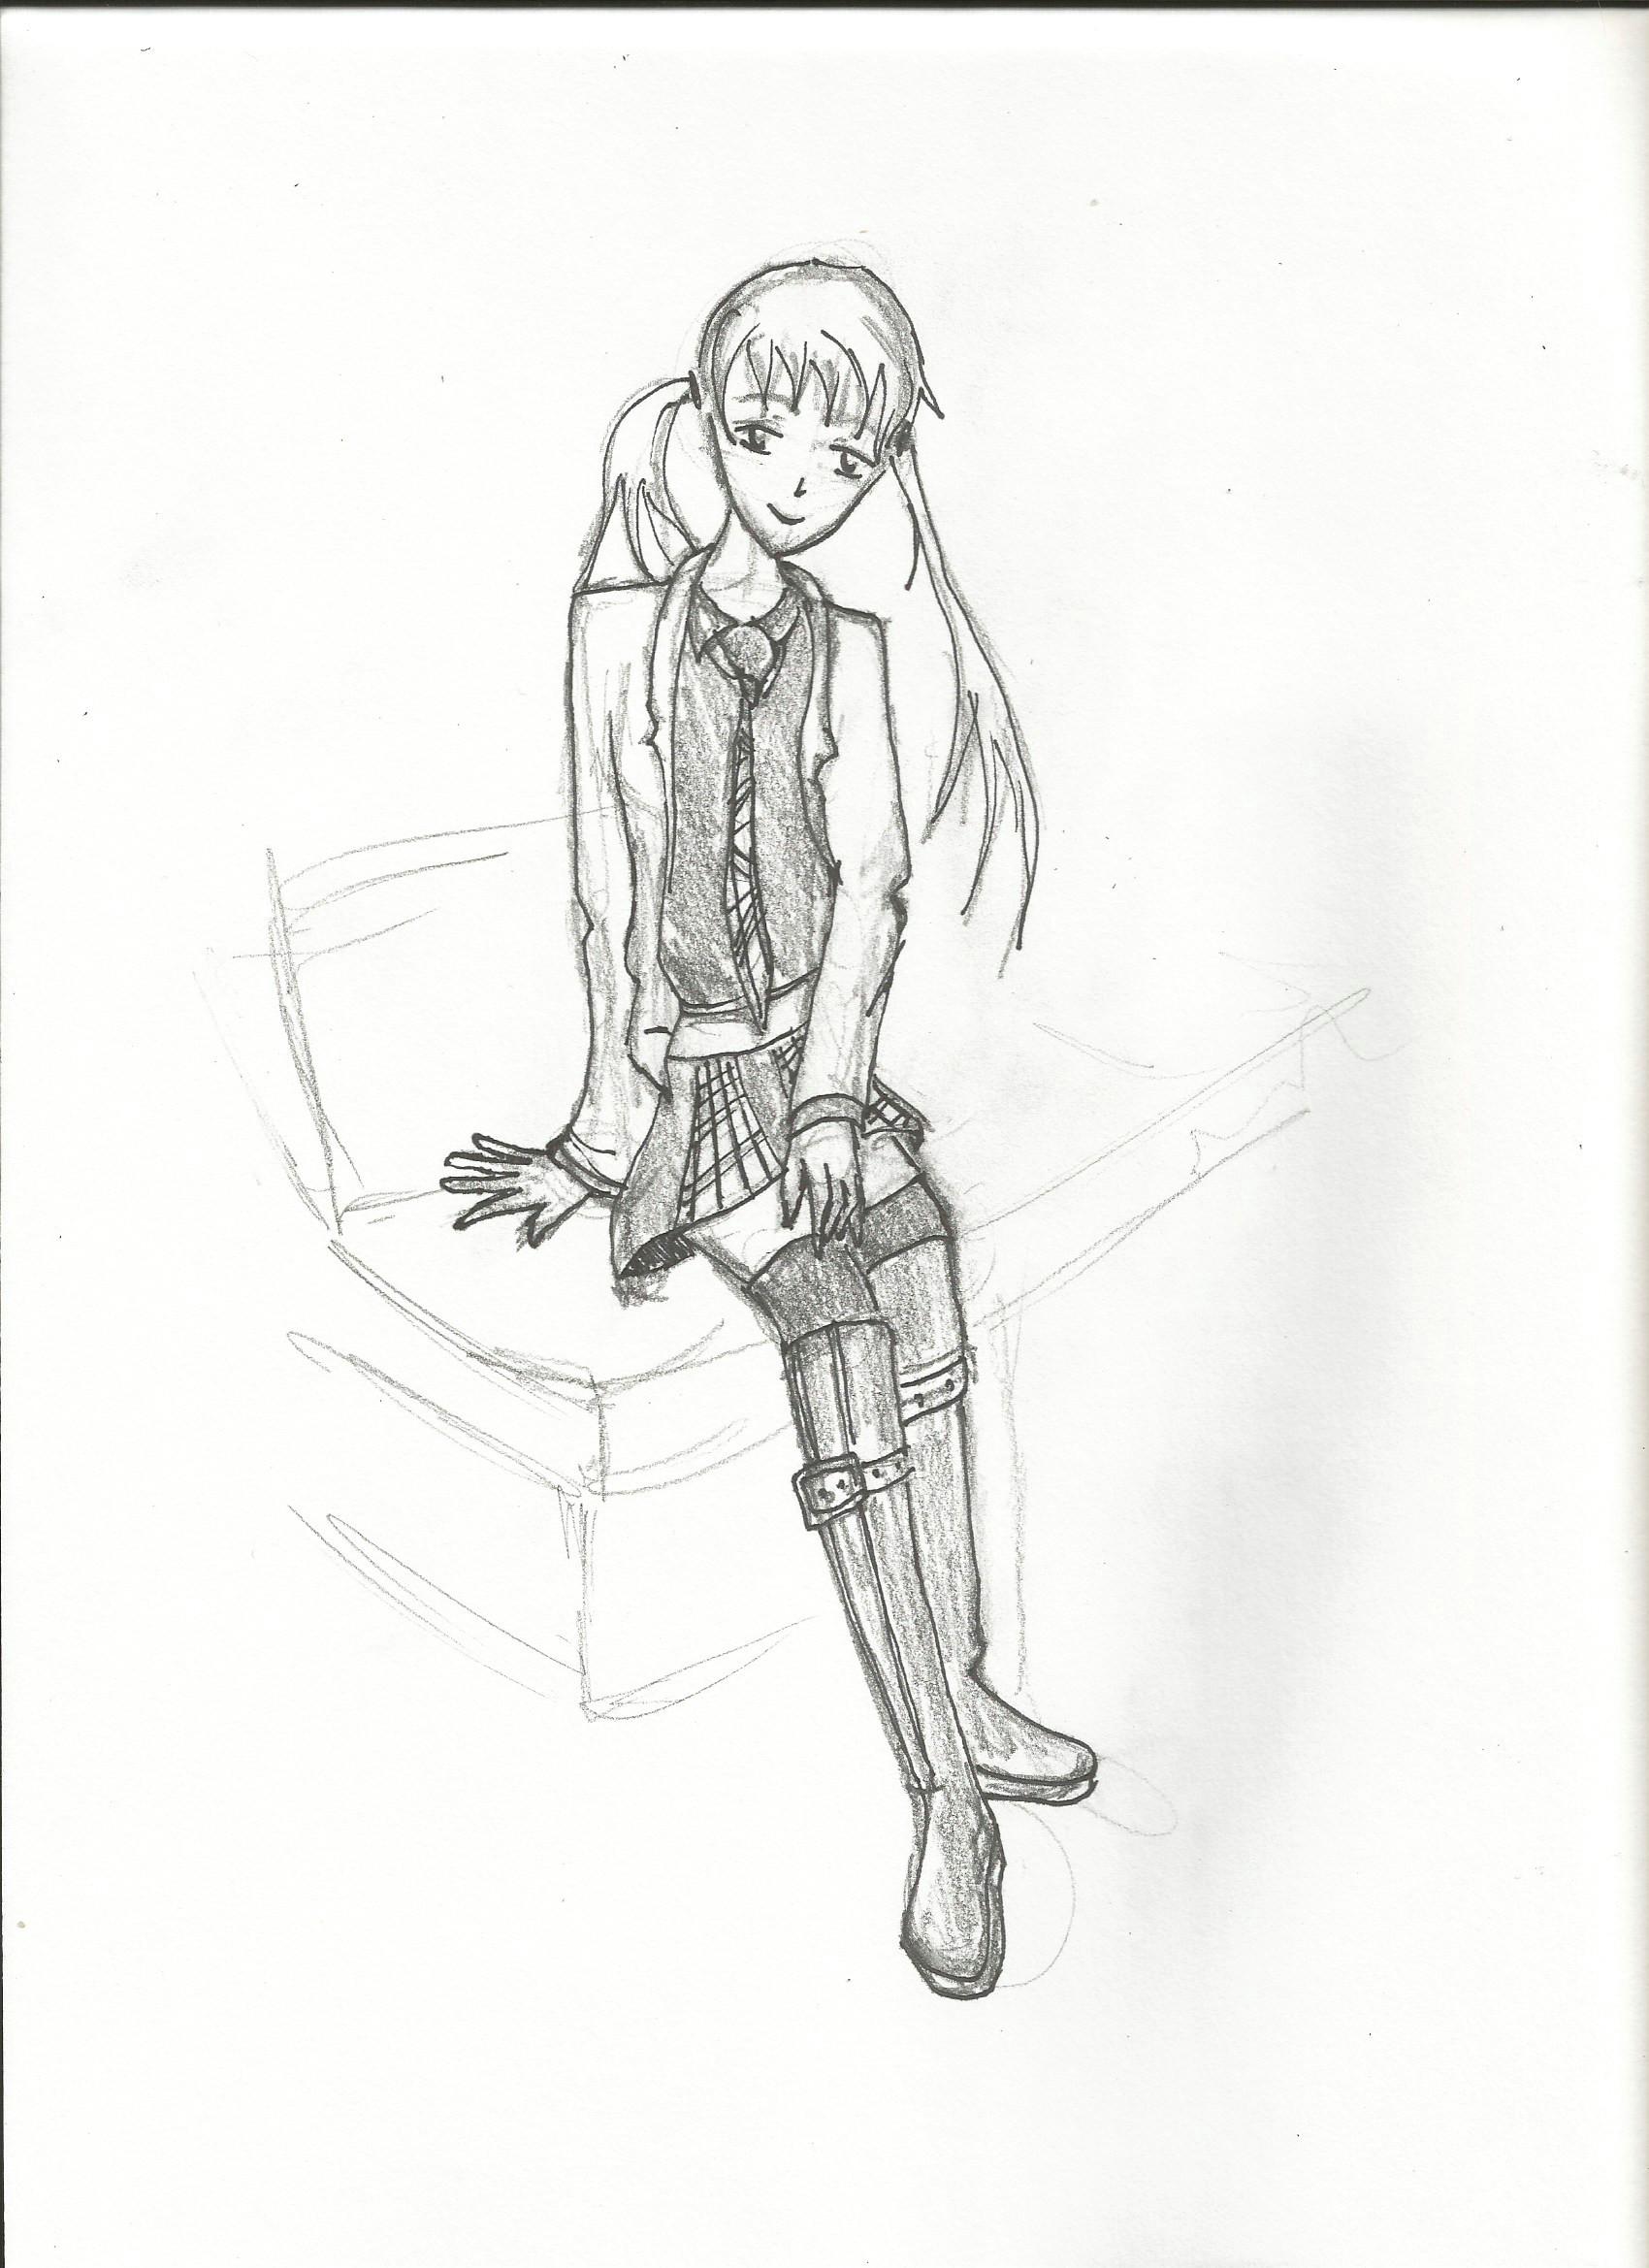 manga girl sitting pencil and paper manga girl girls drawings daughters